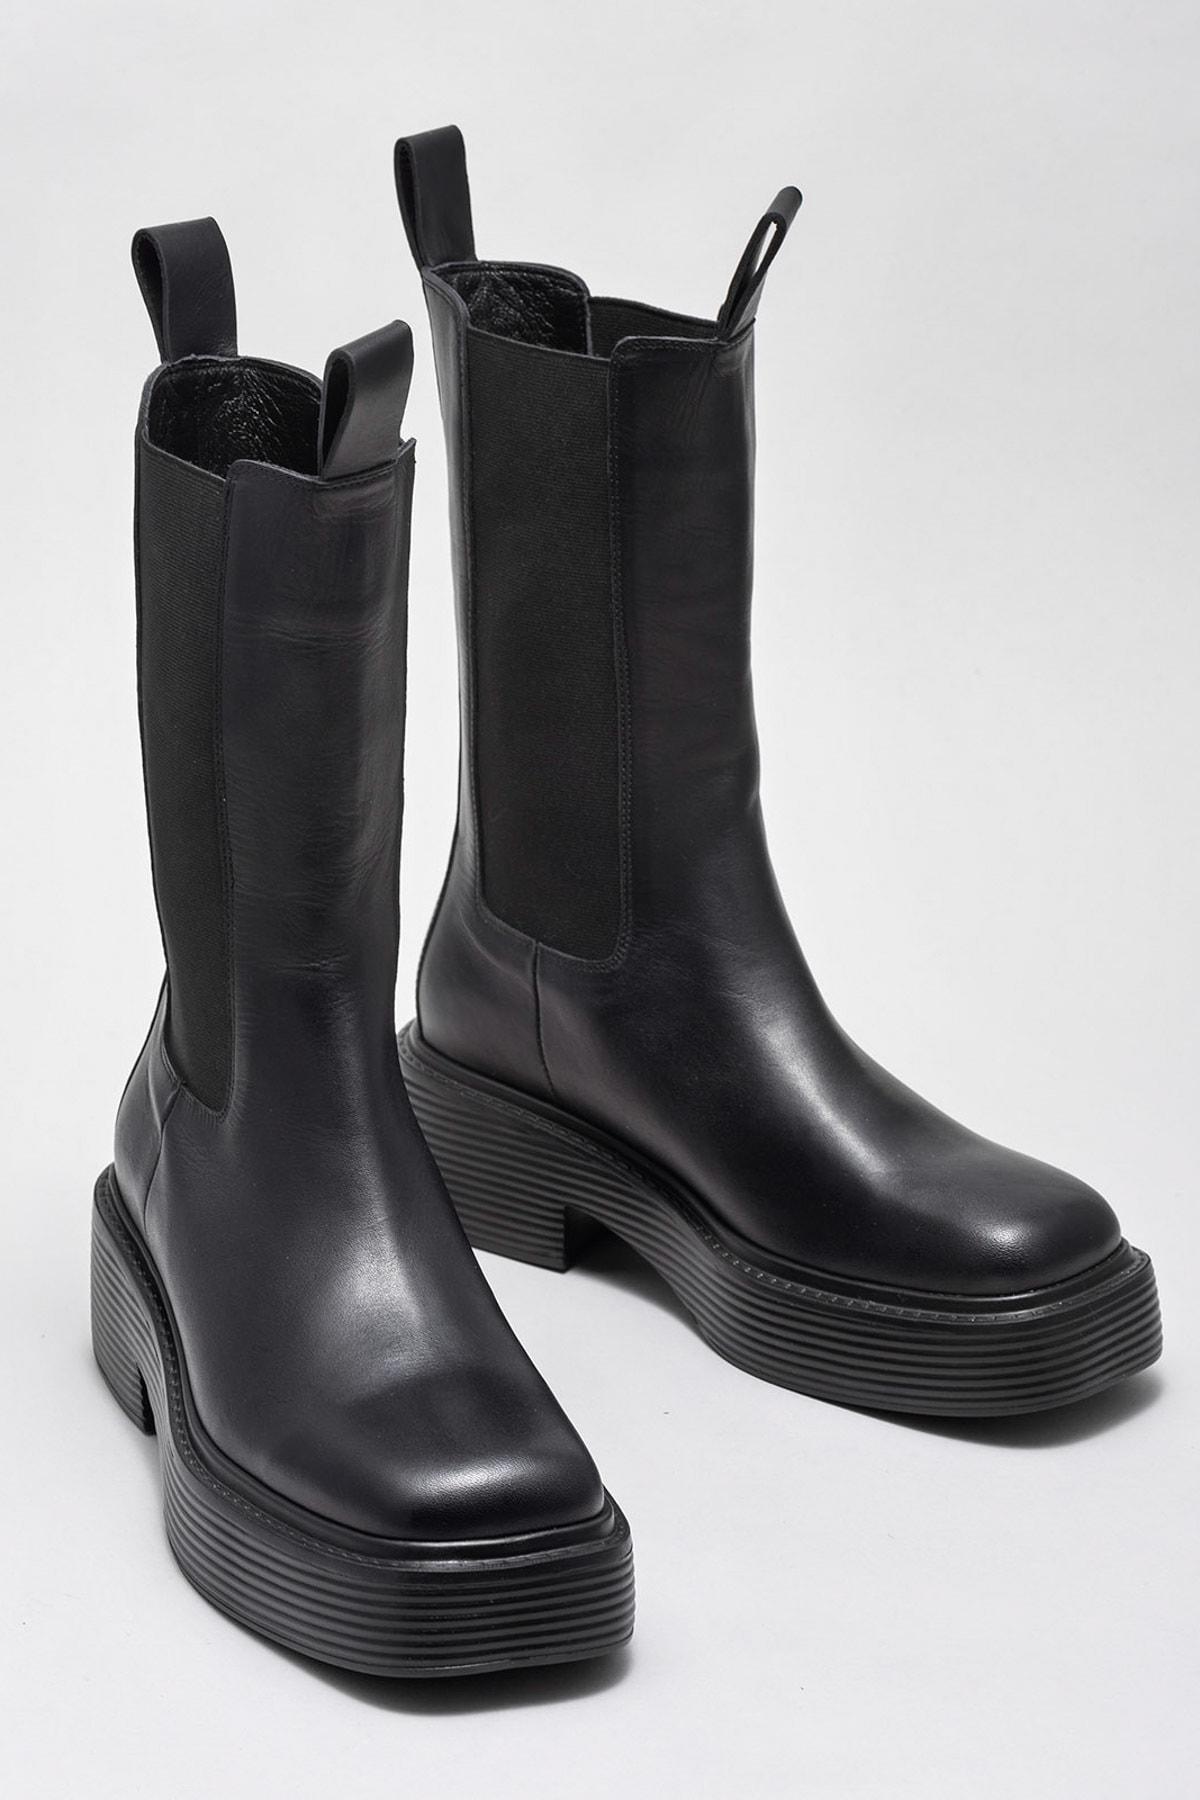 Elle Shoes Kadın Bot & Bootie Skeat 20KLB20K-128 2